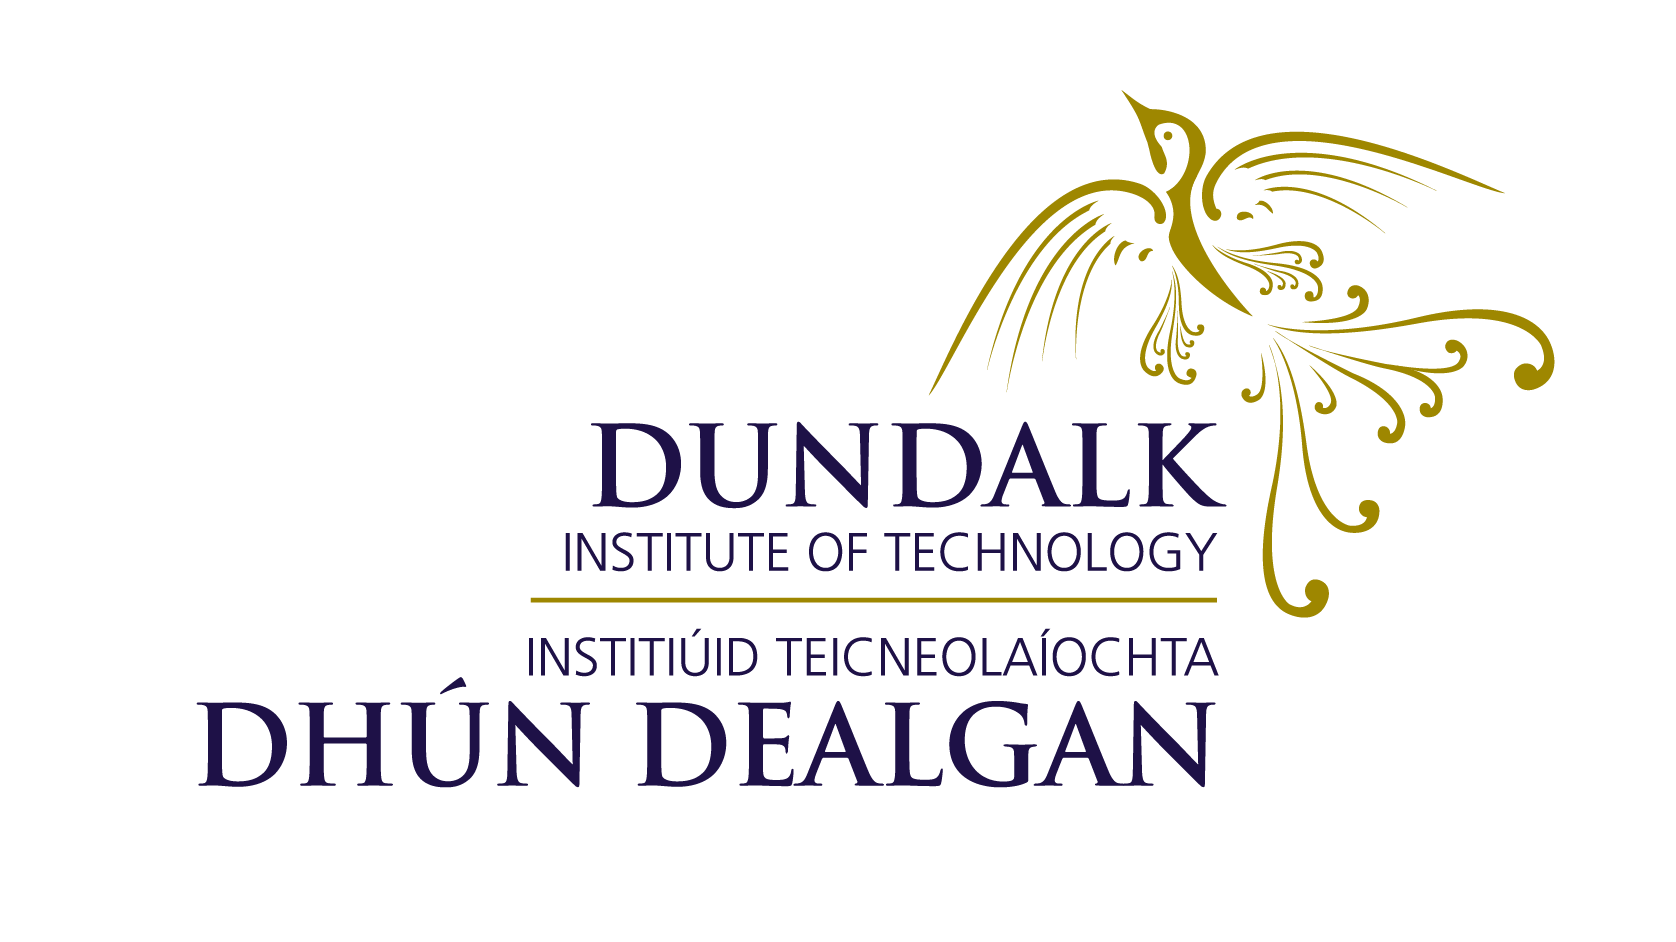 Dundalk Institute of Technology logo